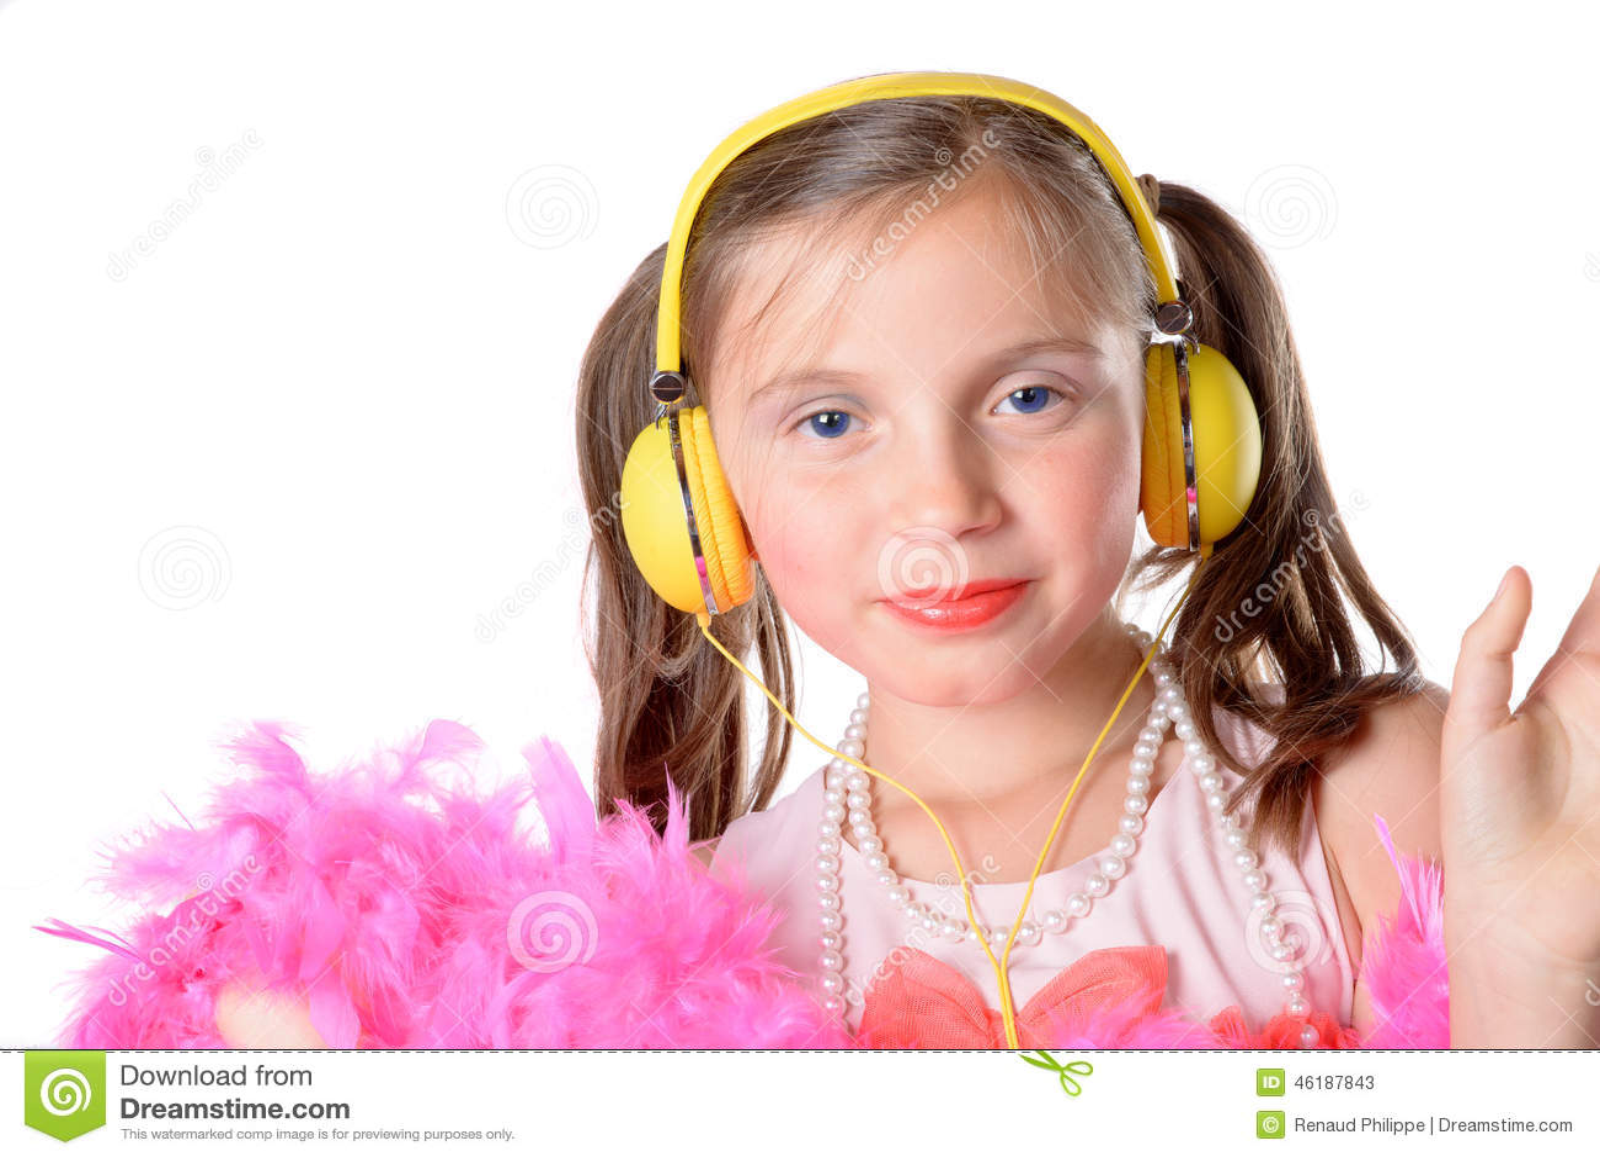 一个小女孩的画象有的在白色背景的黄色耳机.图片